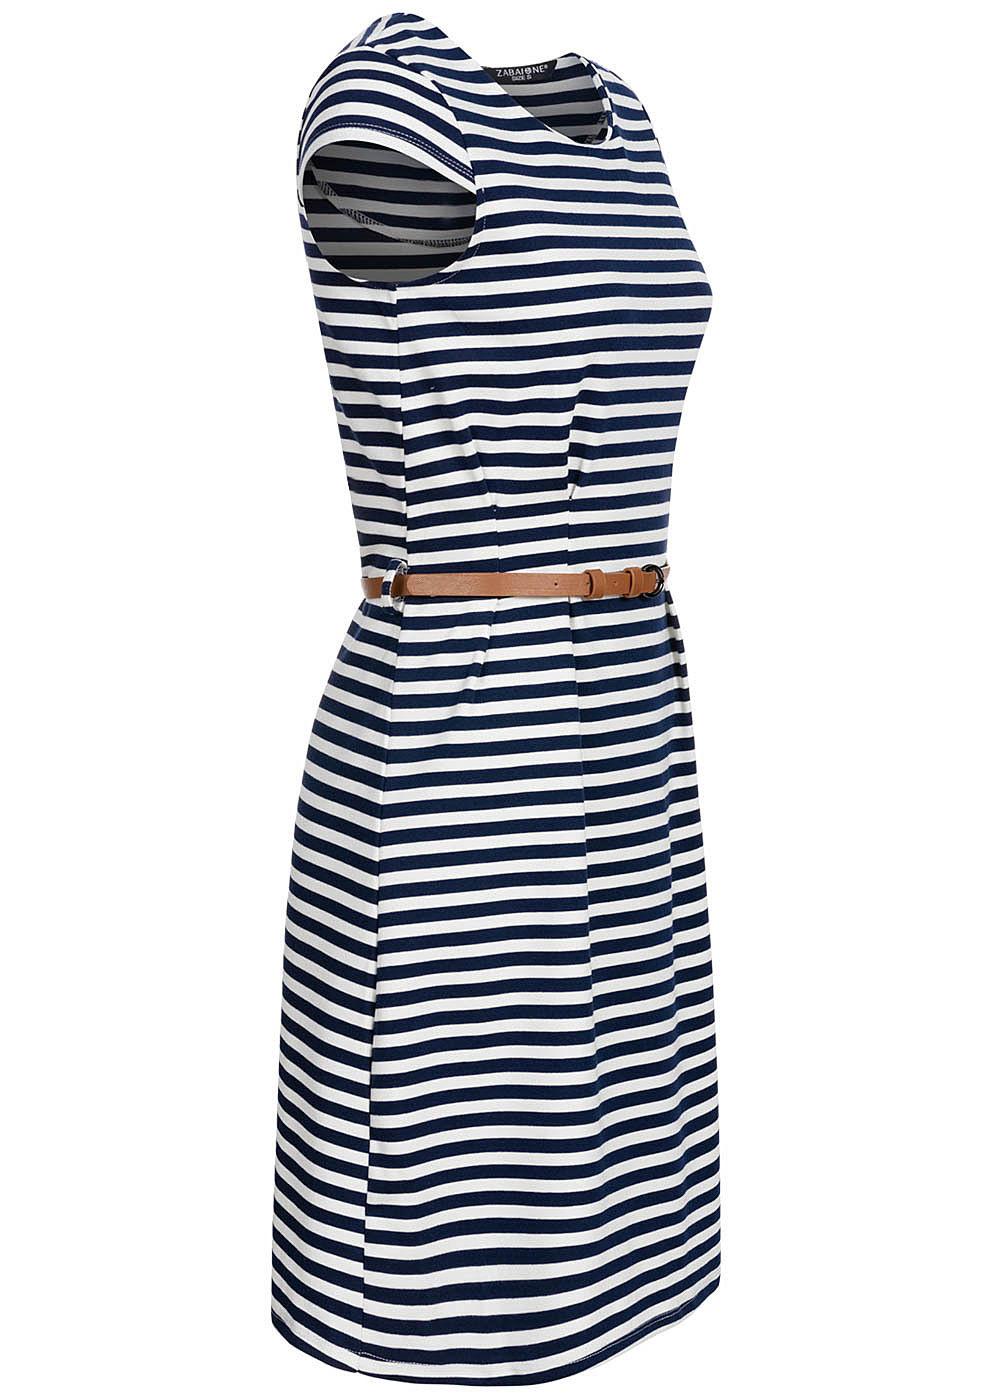 Zabaione Damen Tshirt Kleid Streifen Muster Inkl Gürtel